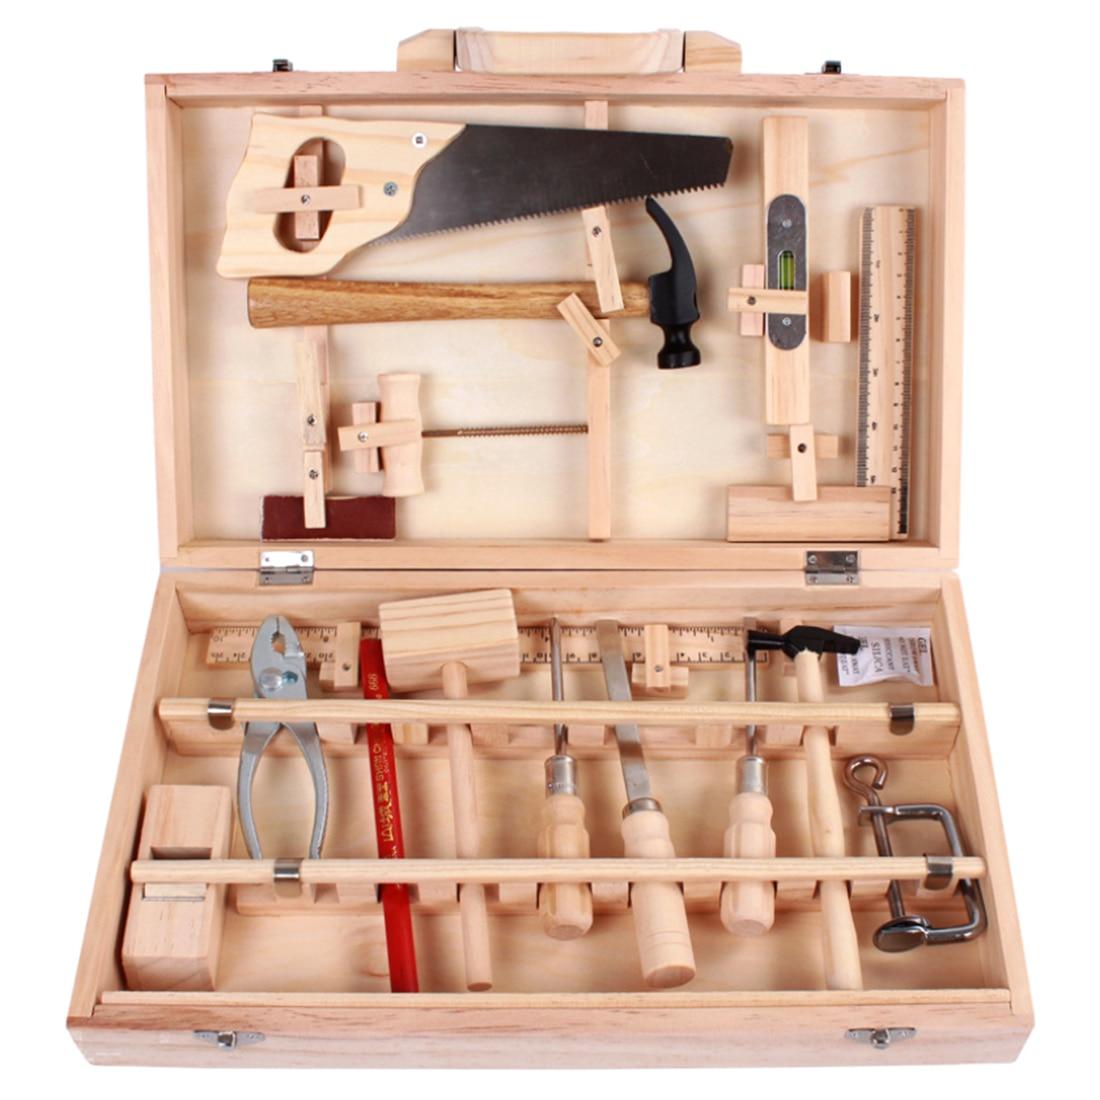 Enfants garçons Durable semblant jouer entretien boîte à outils outil jouets en bois boîte à outils Playset pour garçon mains sur la capacité